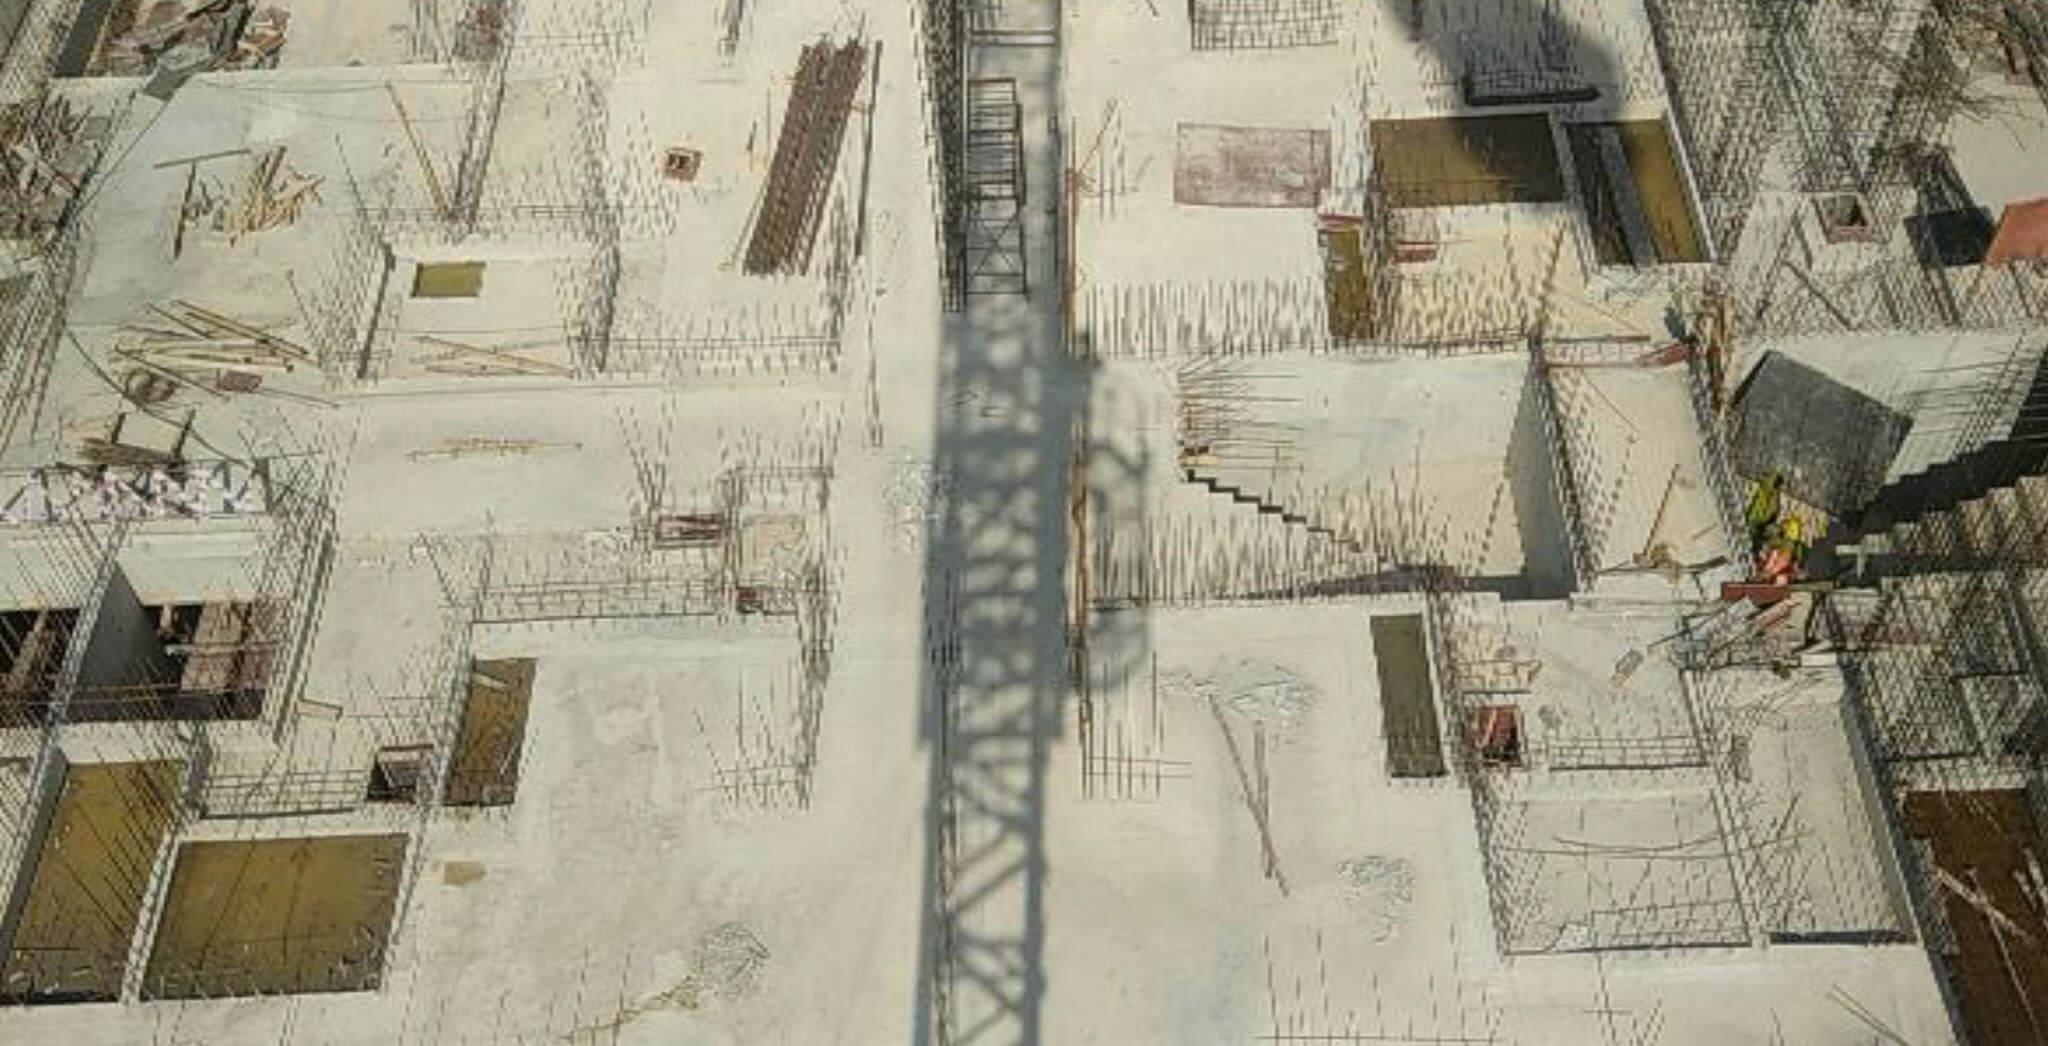 Aug 2019 - N Block: Ground floor slab completed